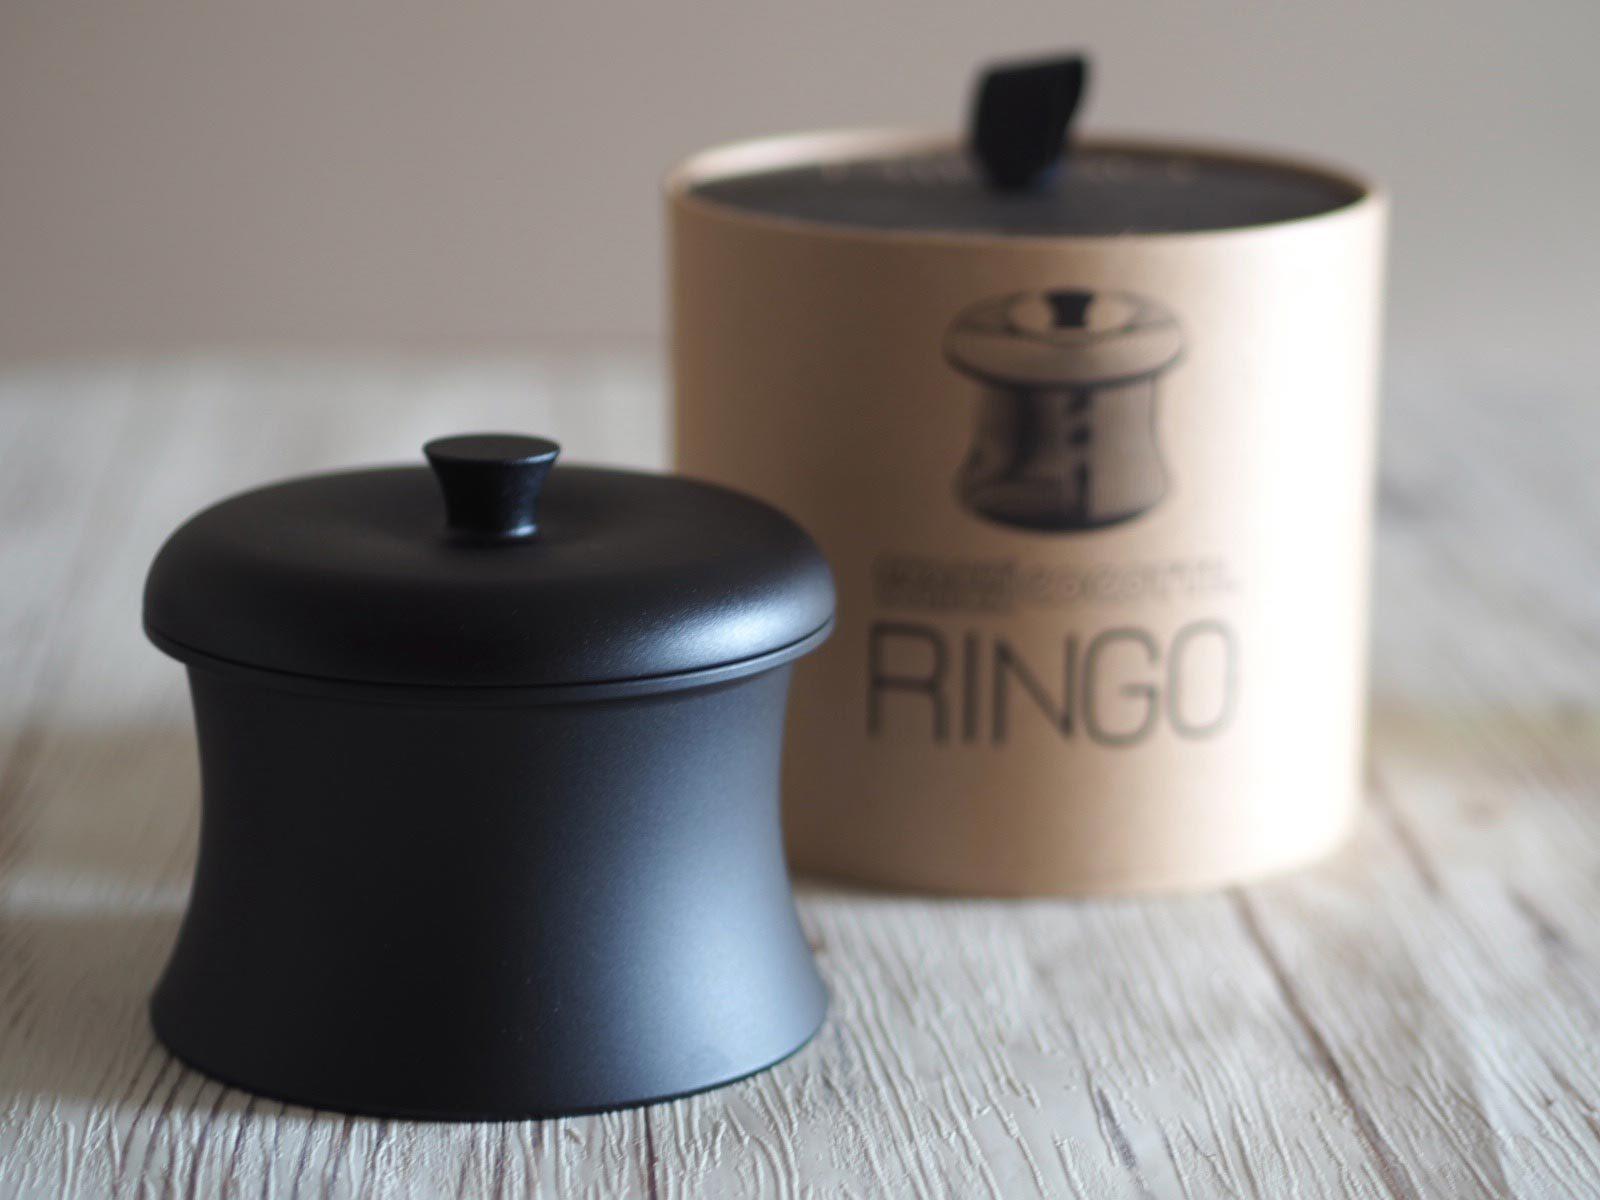 アナオリカーボンココット 『RINGO』